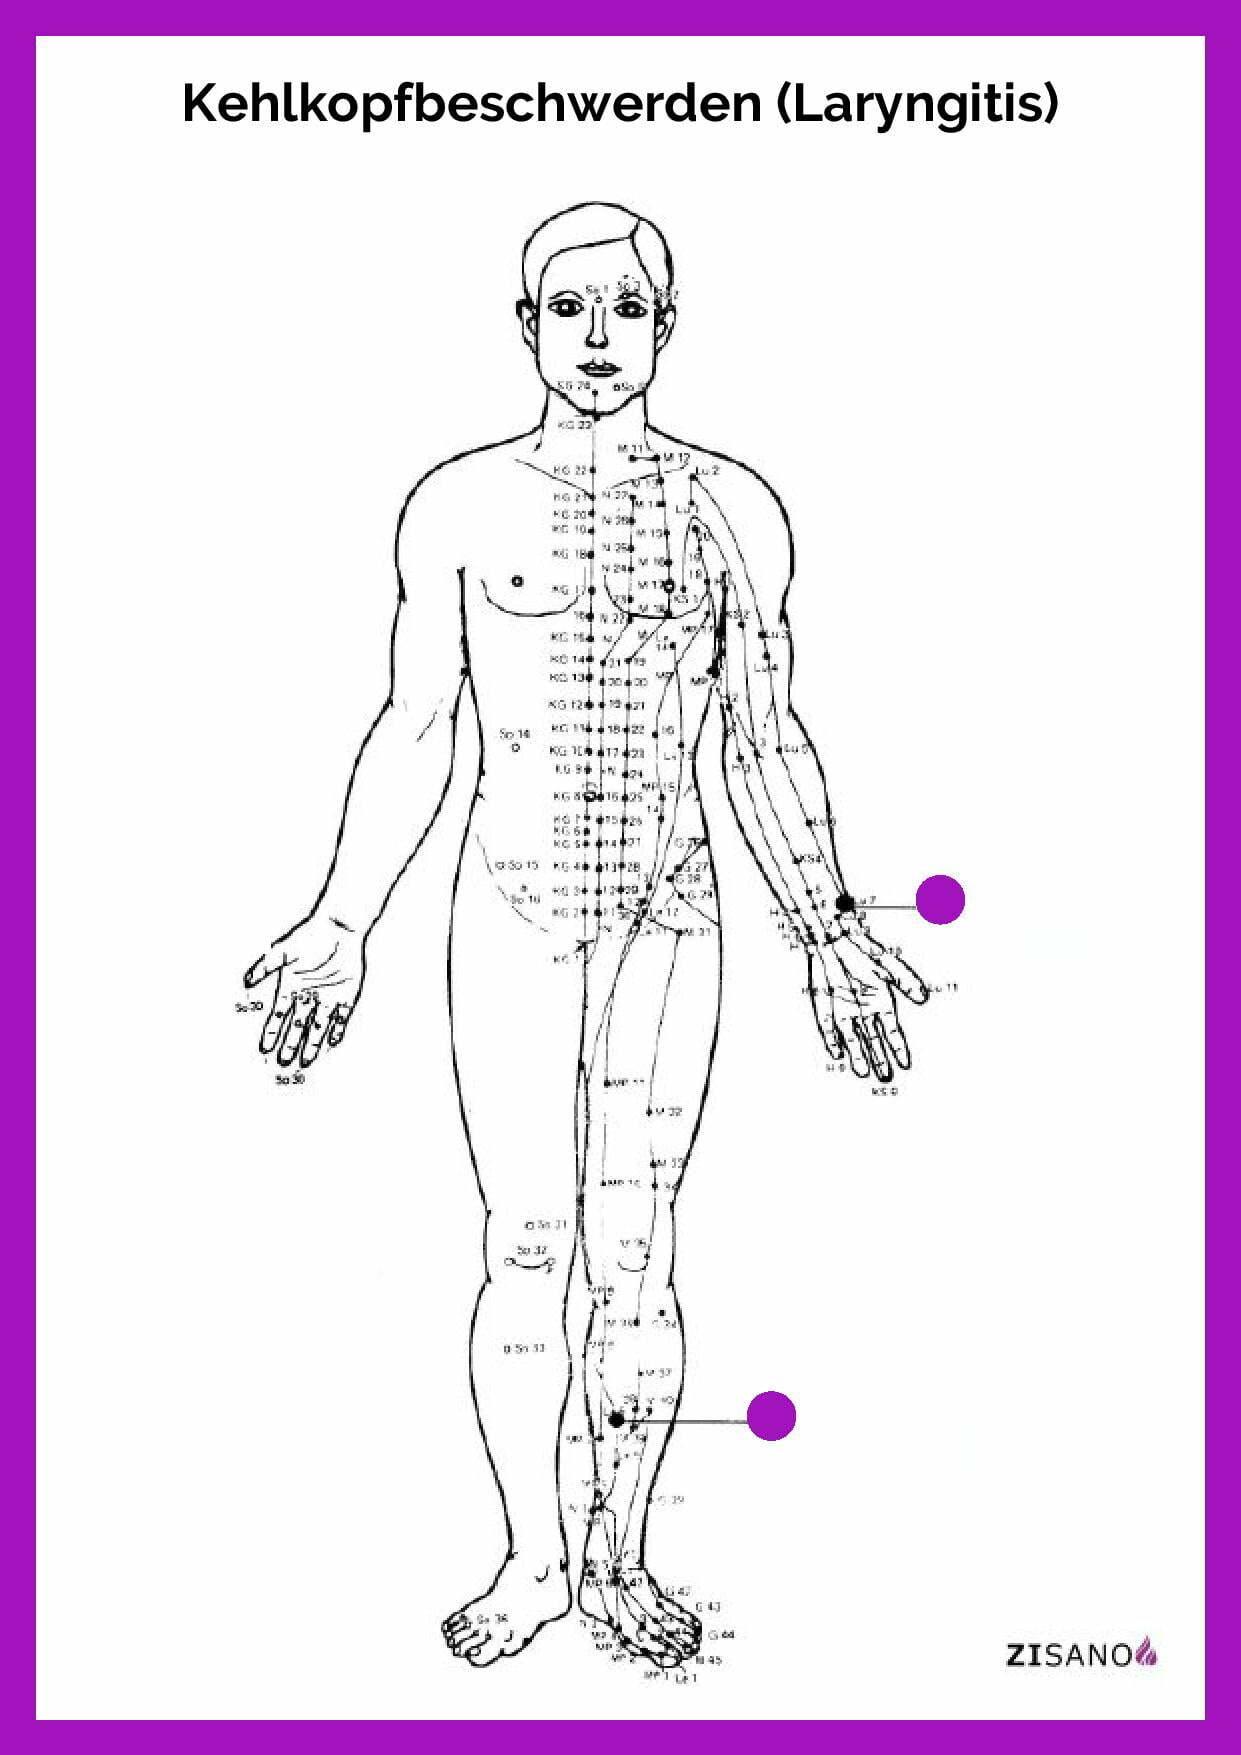 Meridiane - Kehlkopfbeschwerden - Laryngitis - Beschwerden